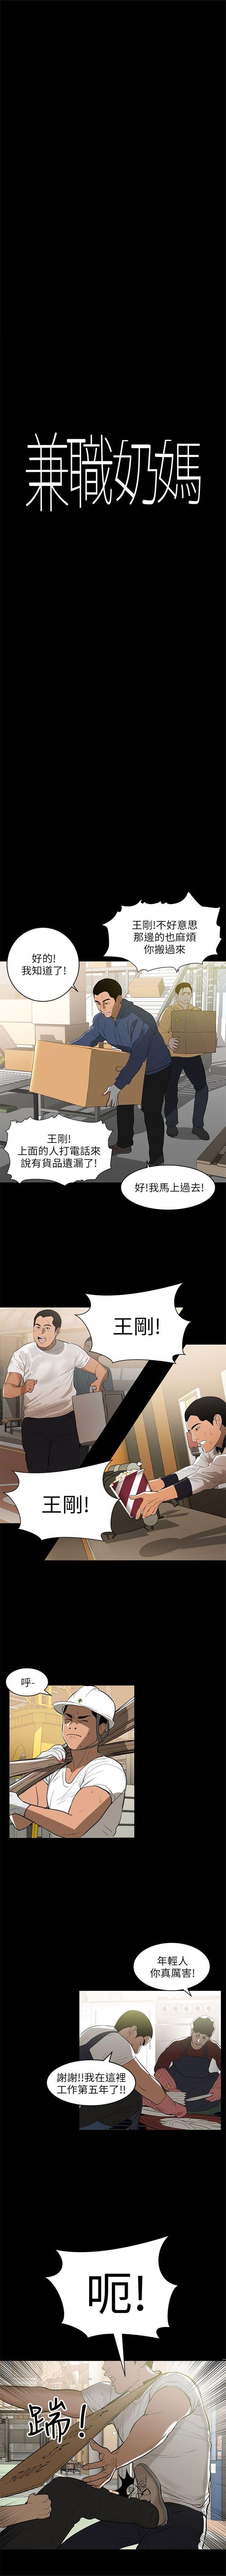 (週6)兼職奶媽 1-31 中文翻譯 (更新中) 1